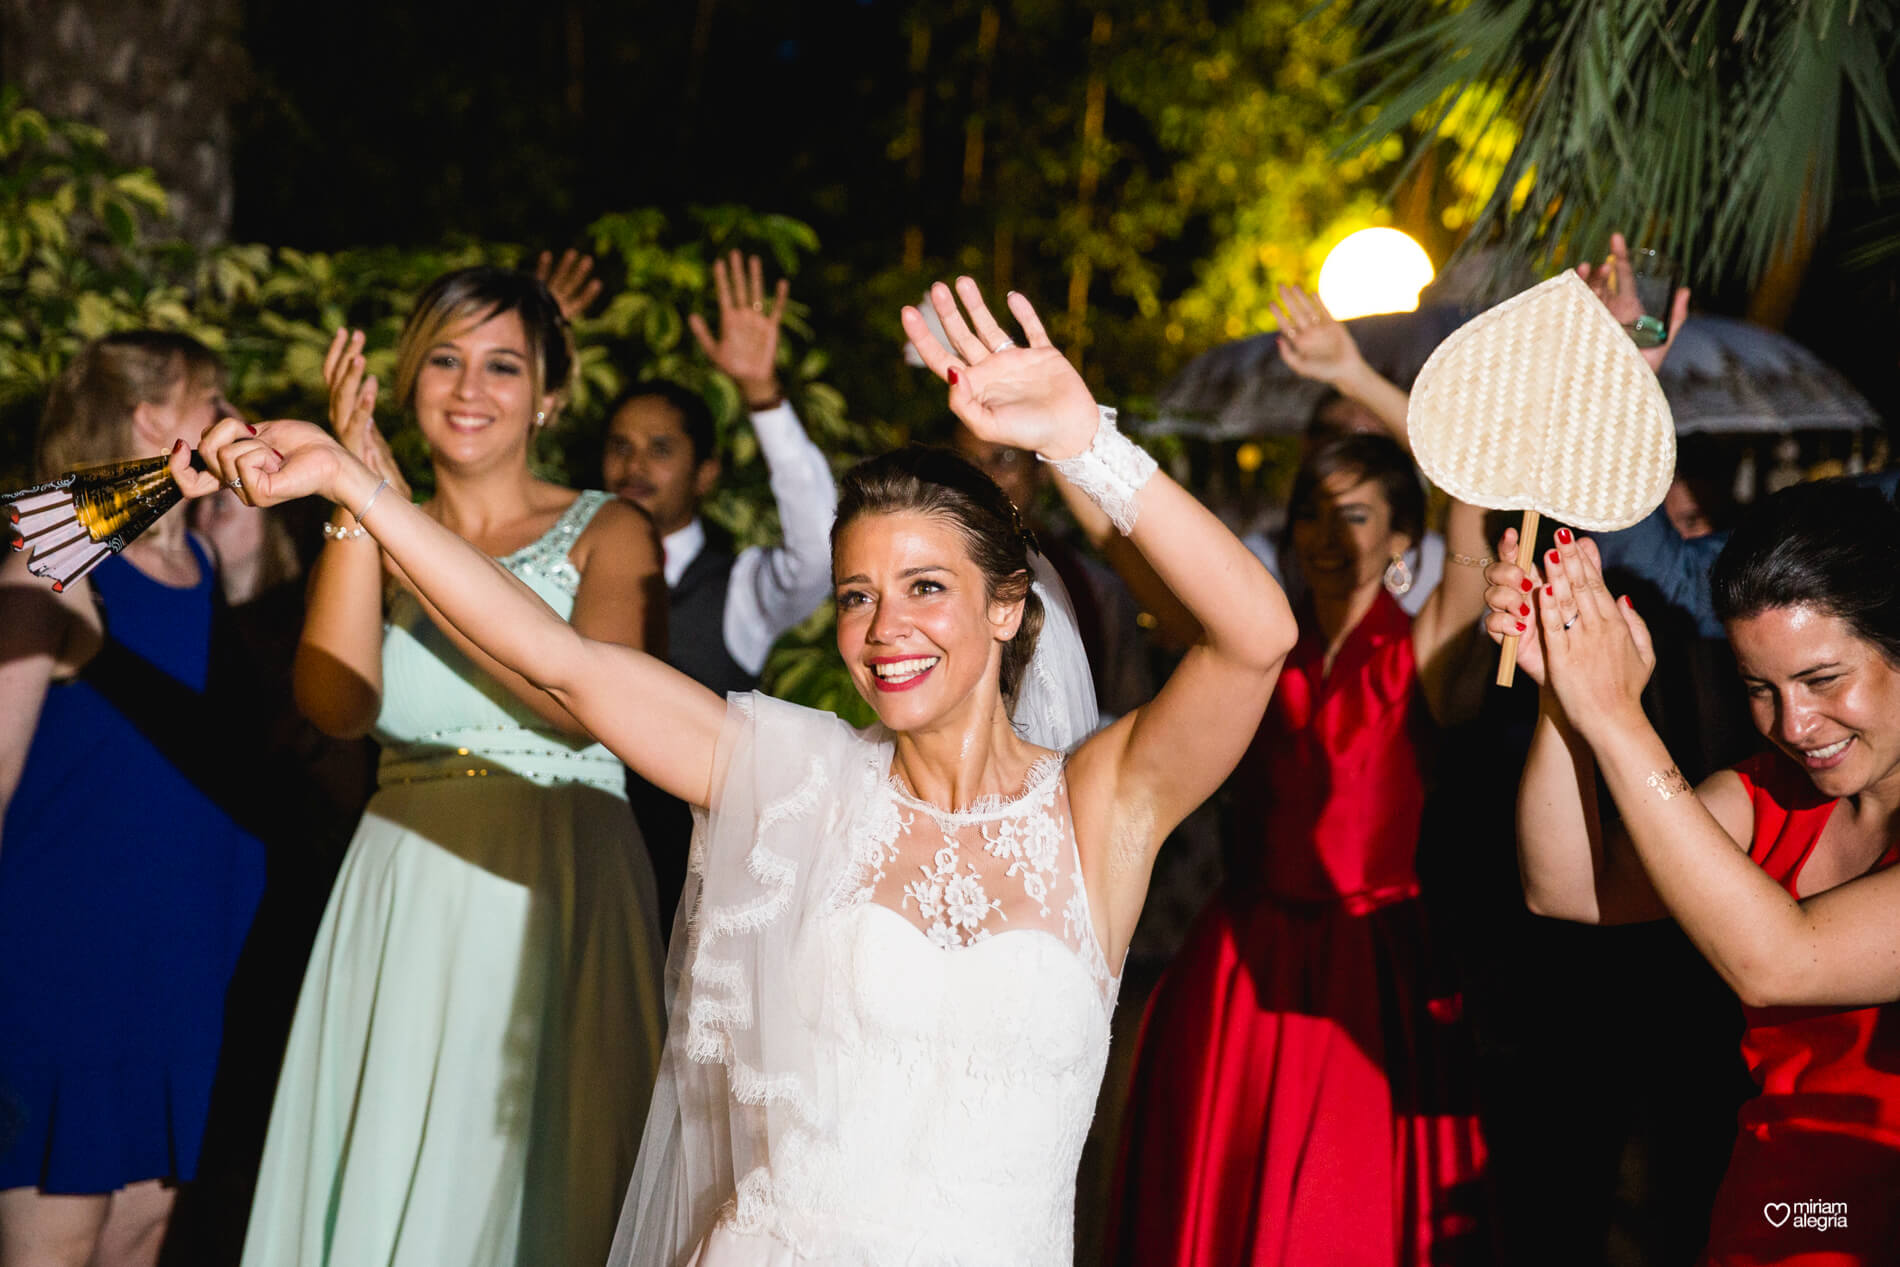 wedding-huerto-del-cura-elche-miriam-alegria-fotografos-boda-82